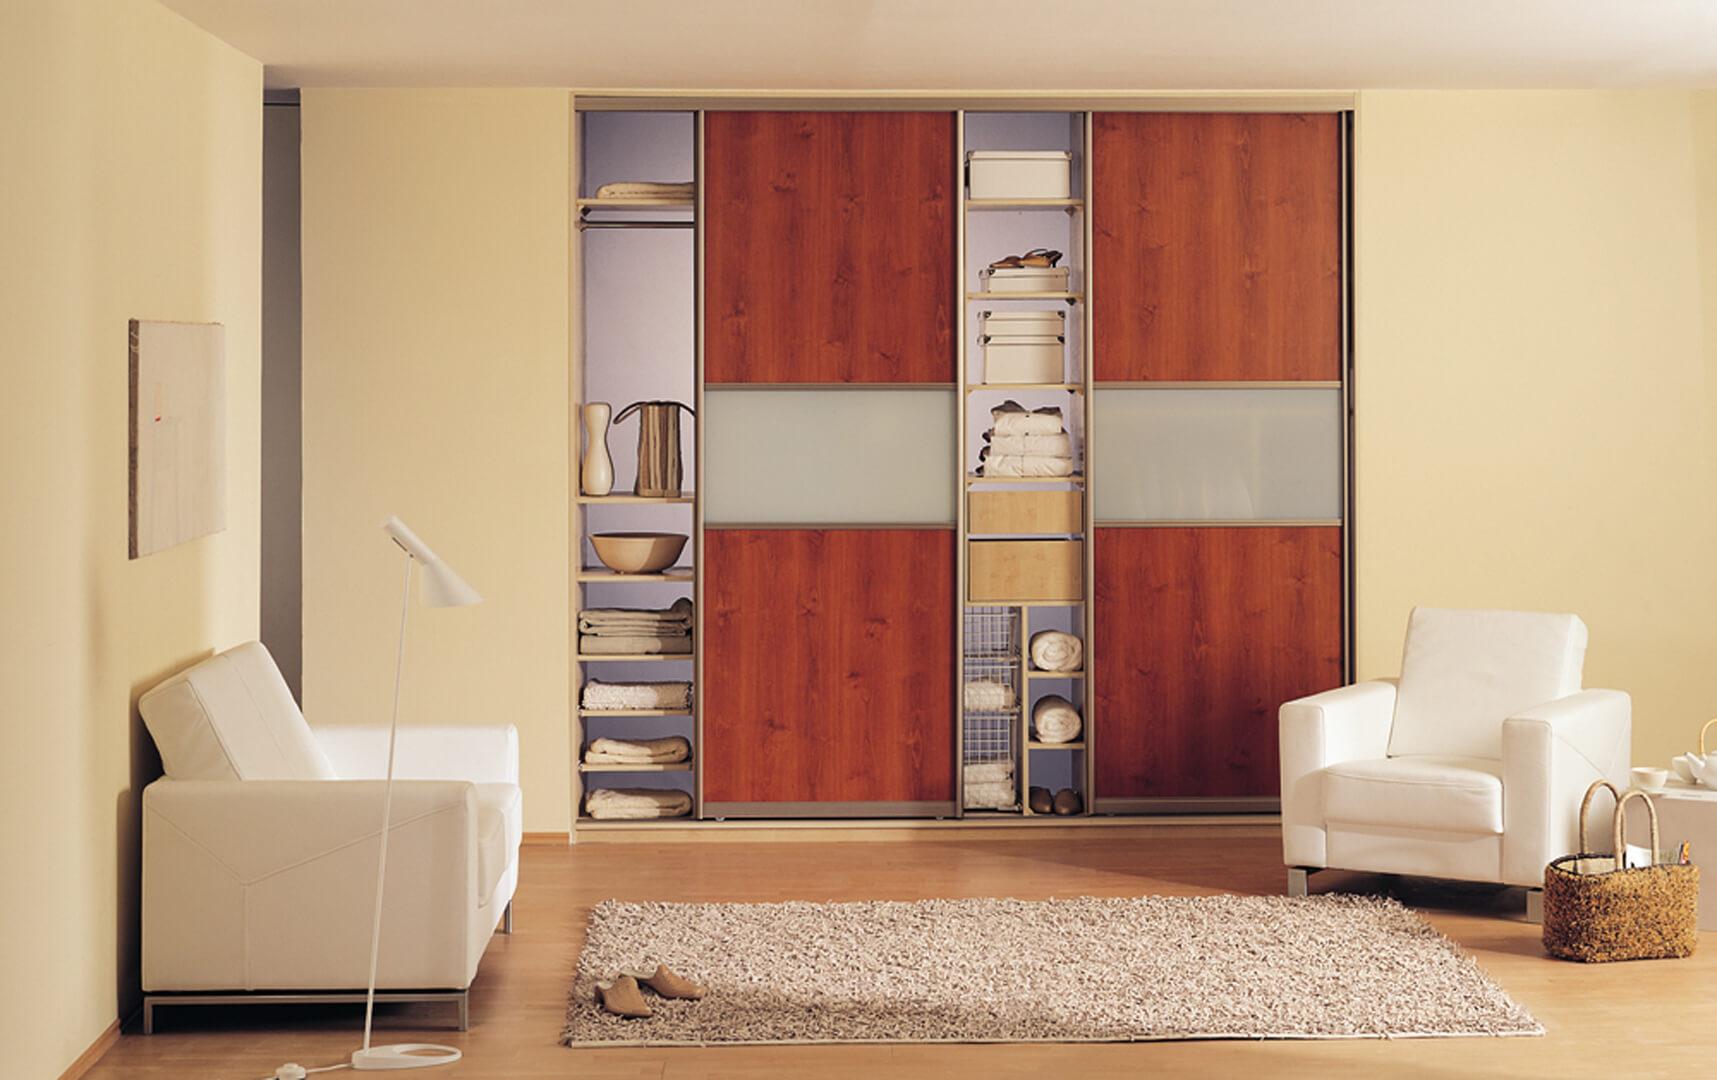 Wizualizacja drewnianej szafy na wymiar z drzwiami przesuwnymi